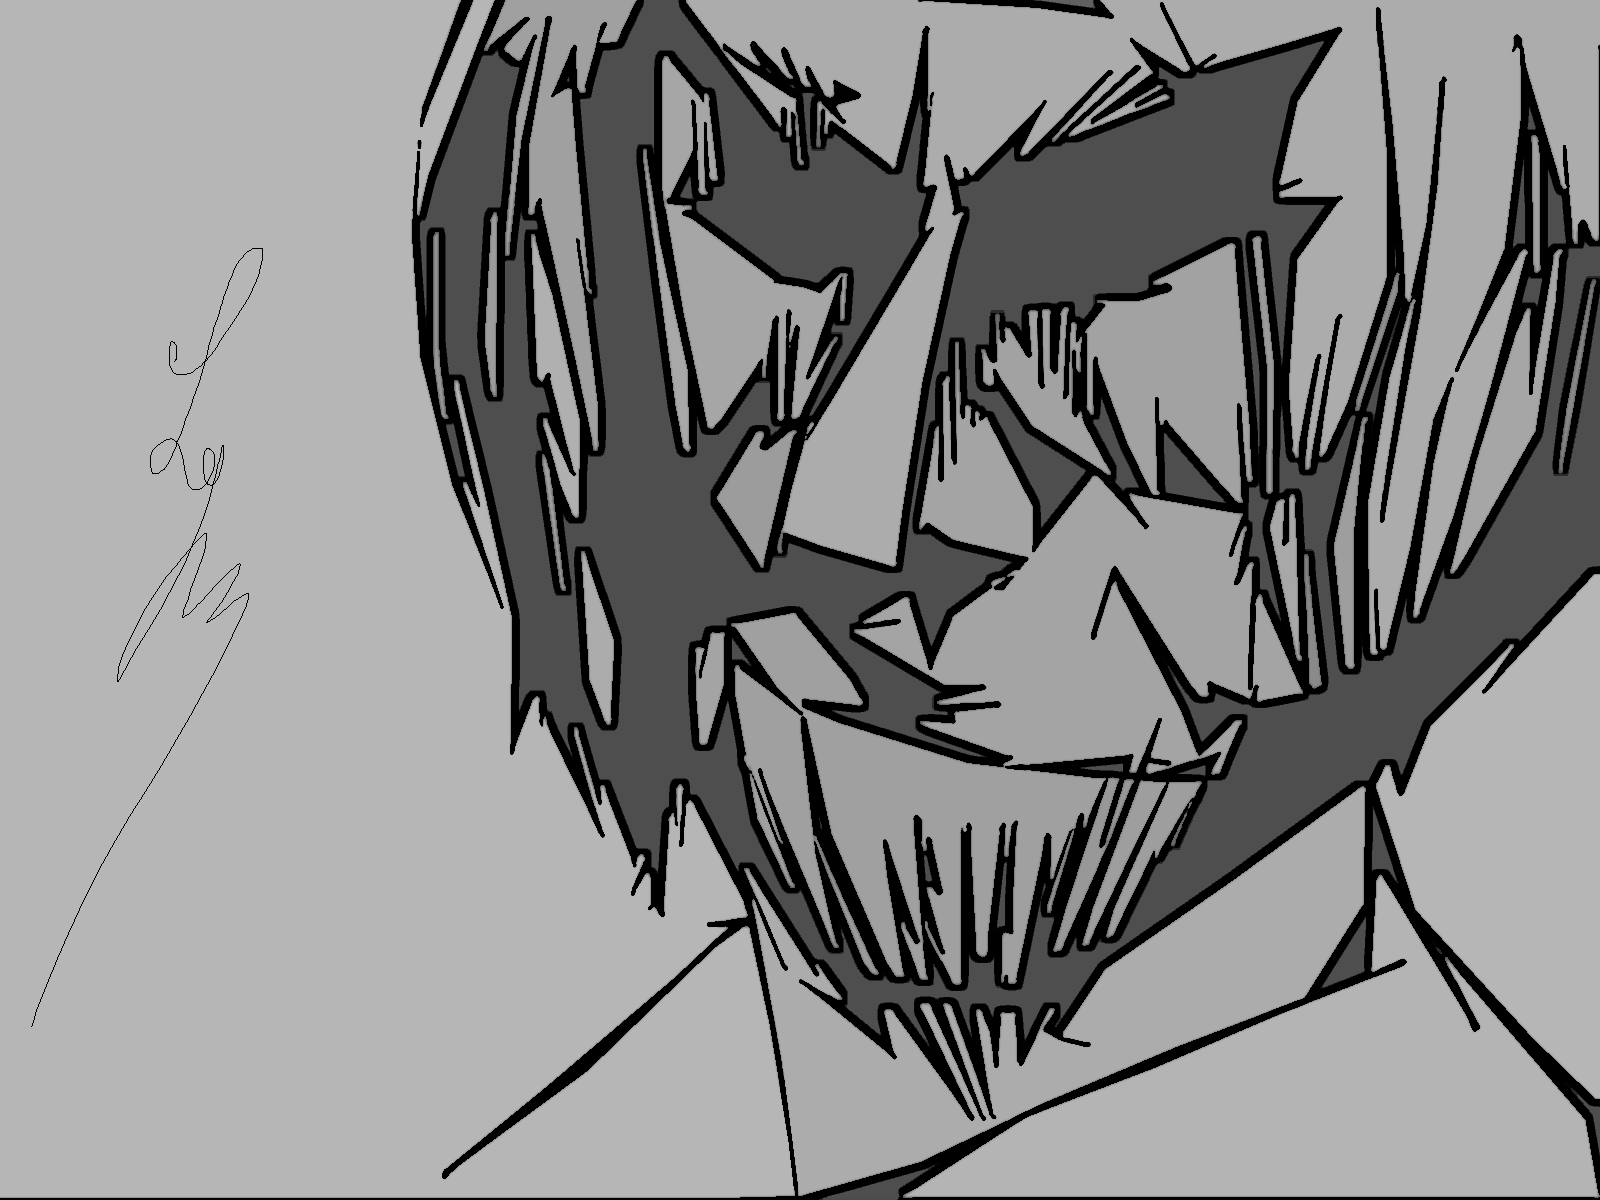 Dessin Inspiration de peur de Shinji789